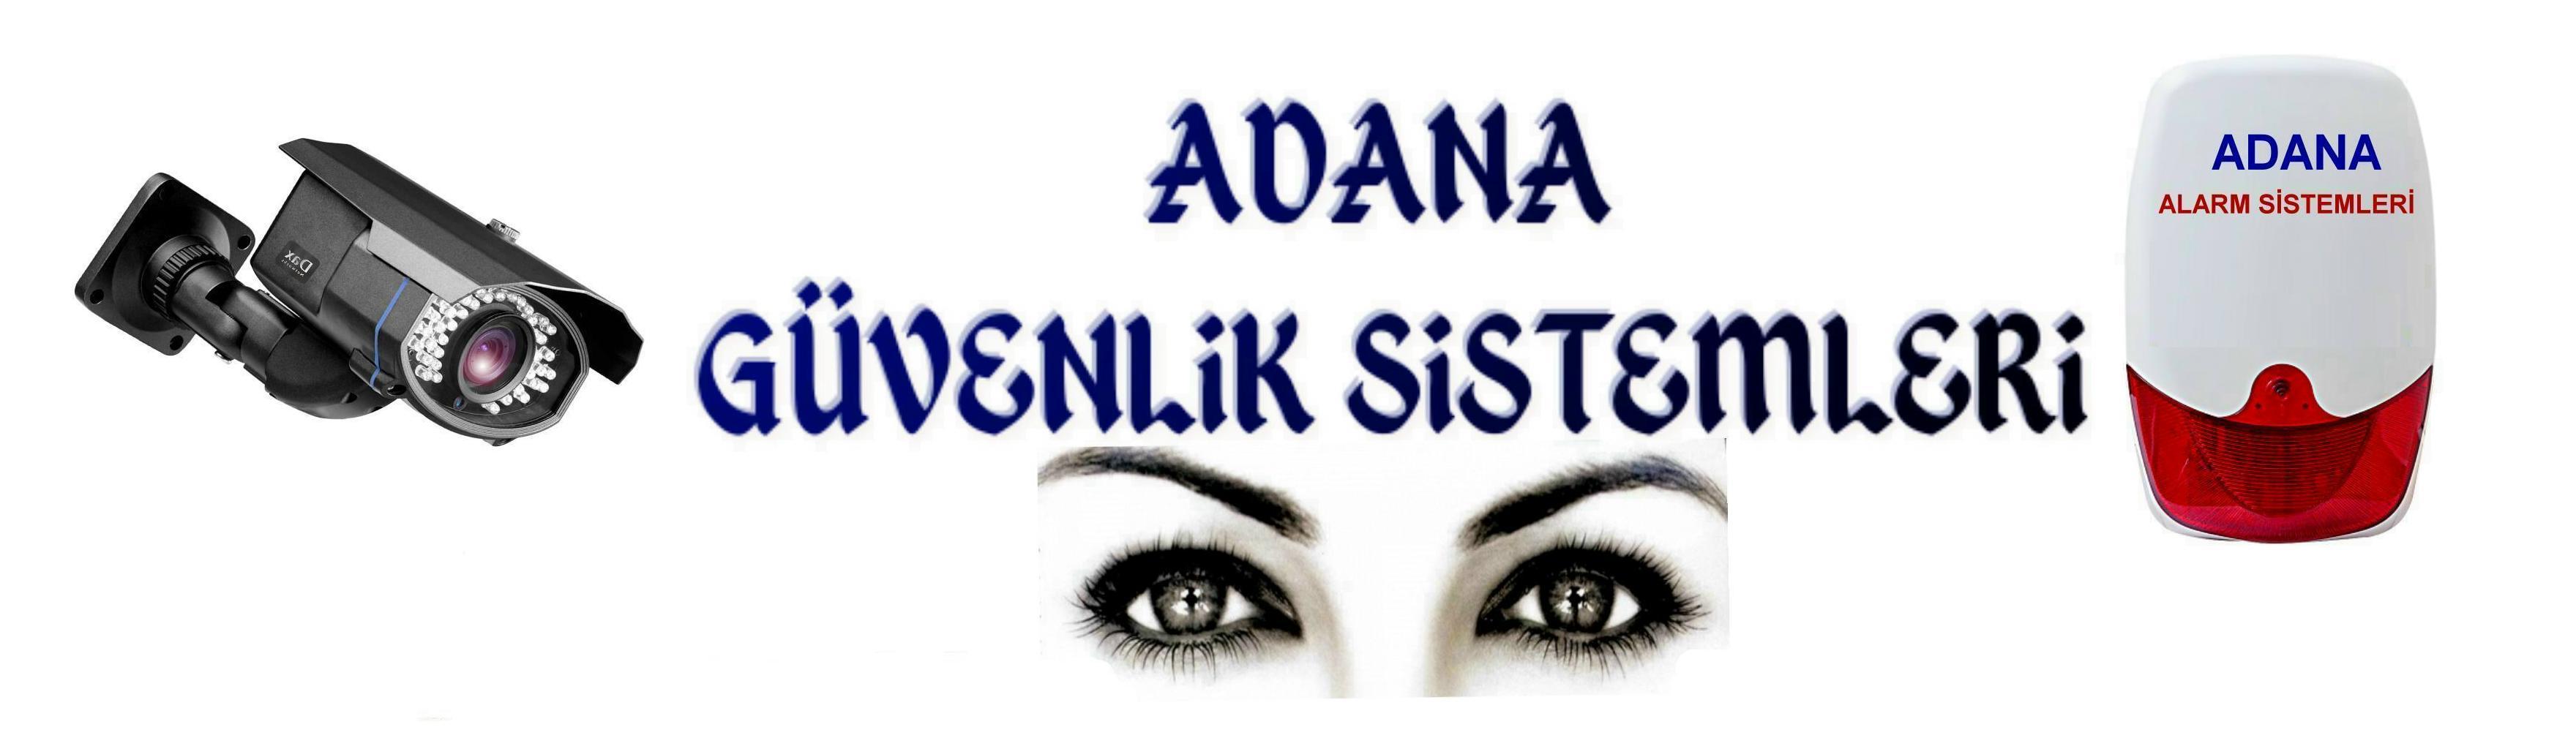 Adana Güvenlik Sistemleri